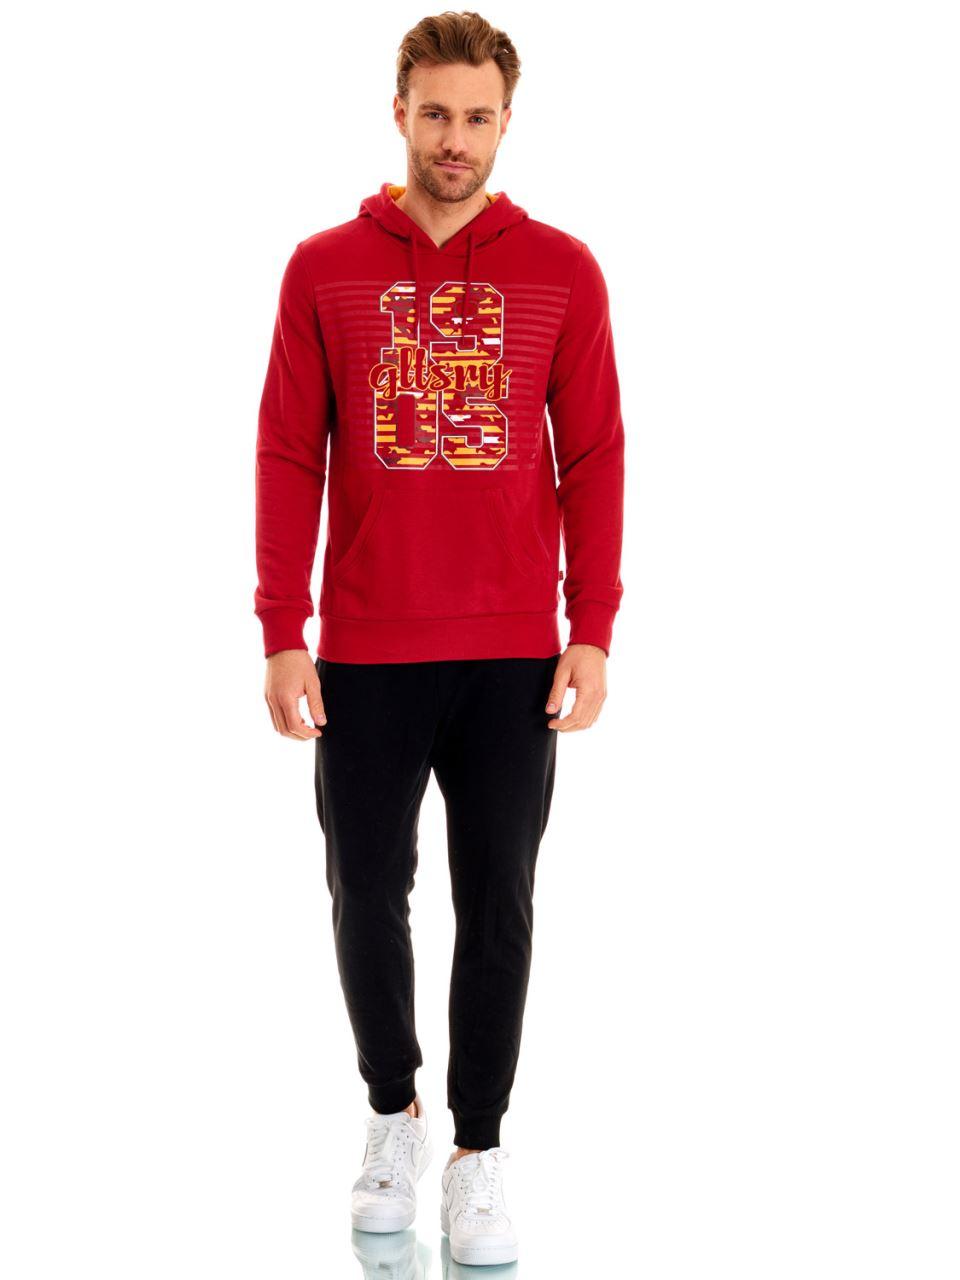 E95100 Sweatshirt